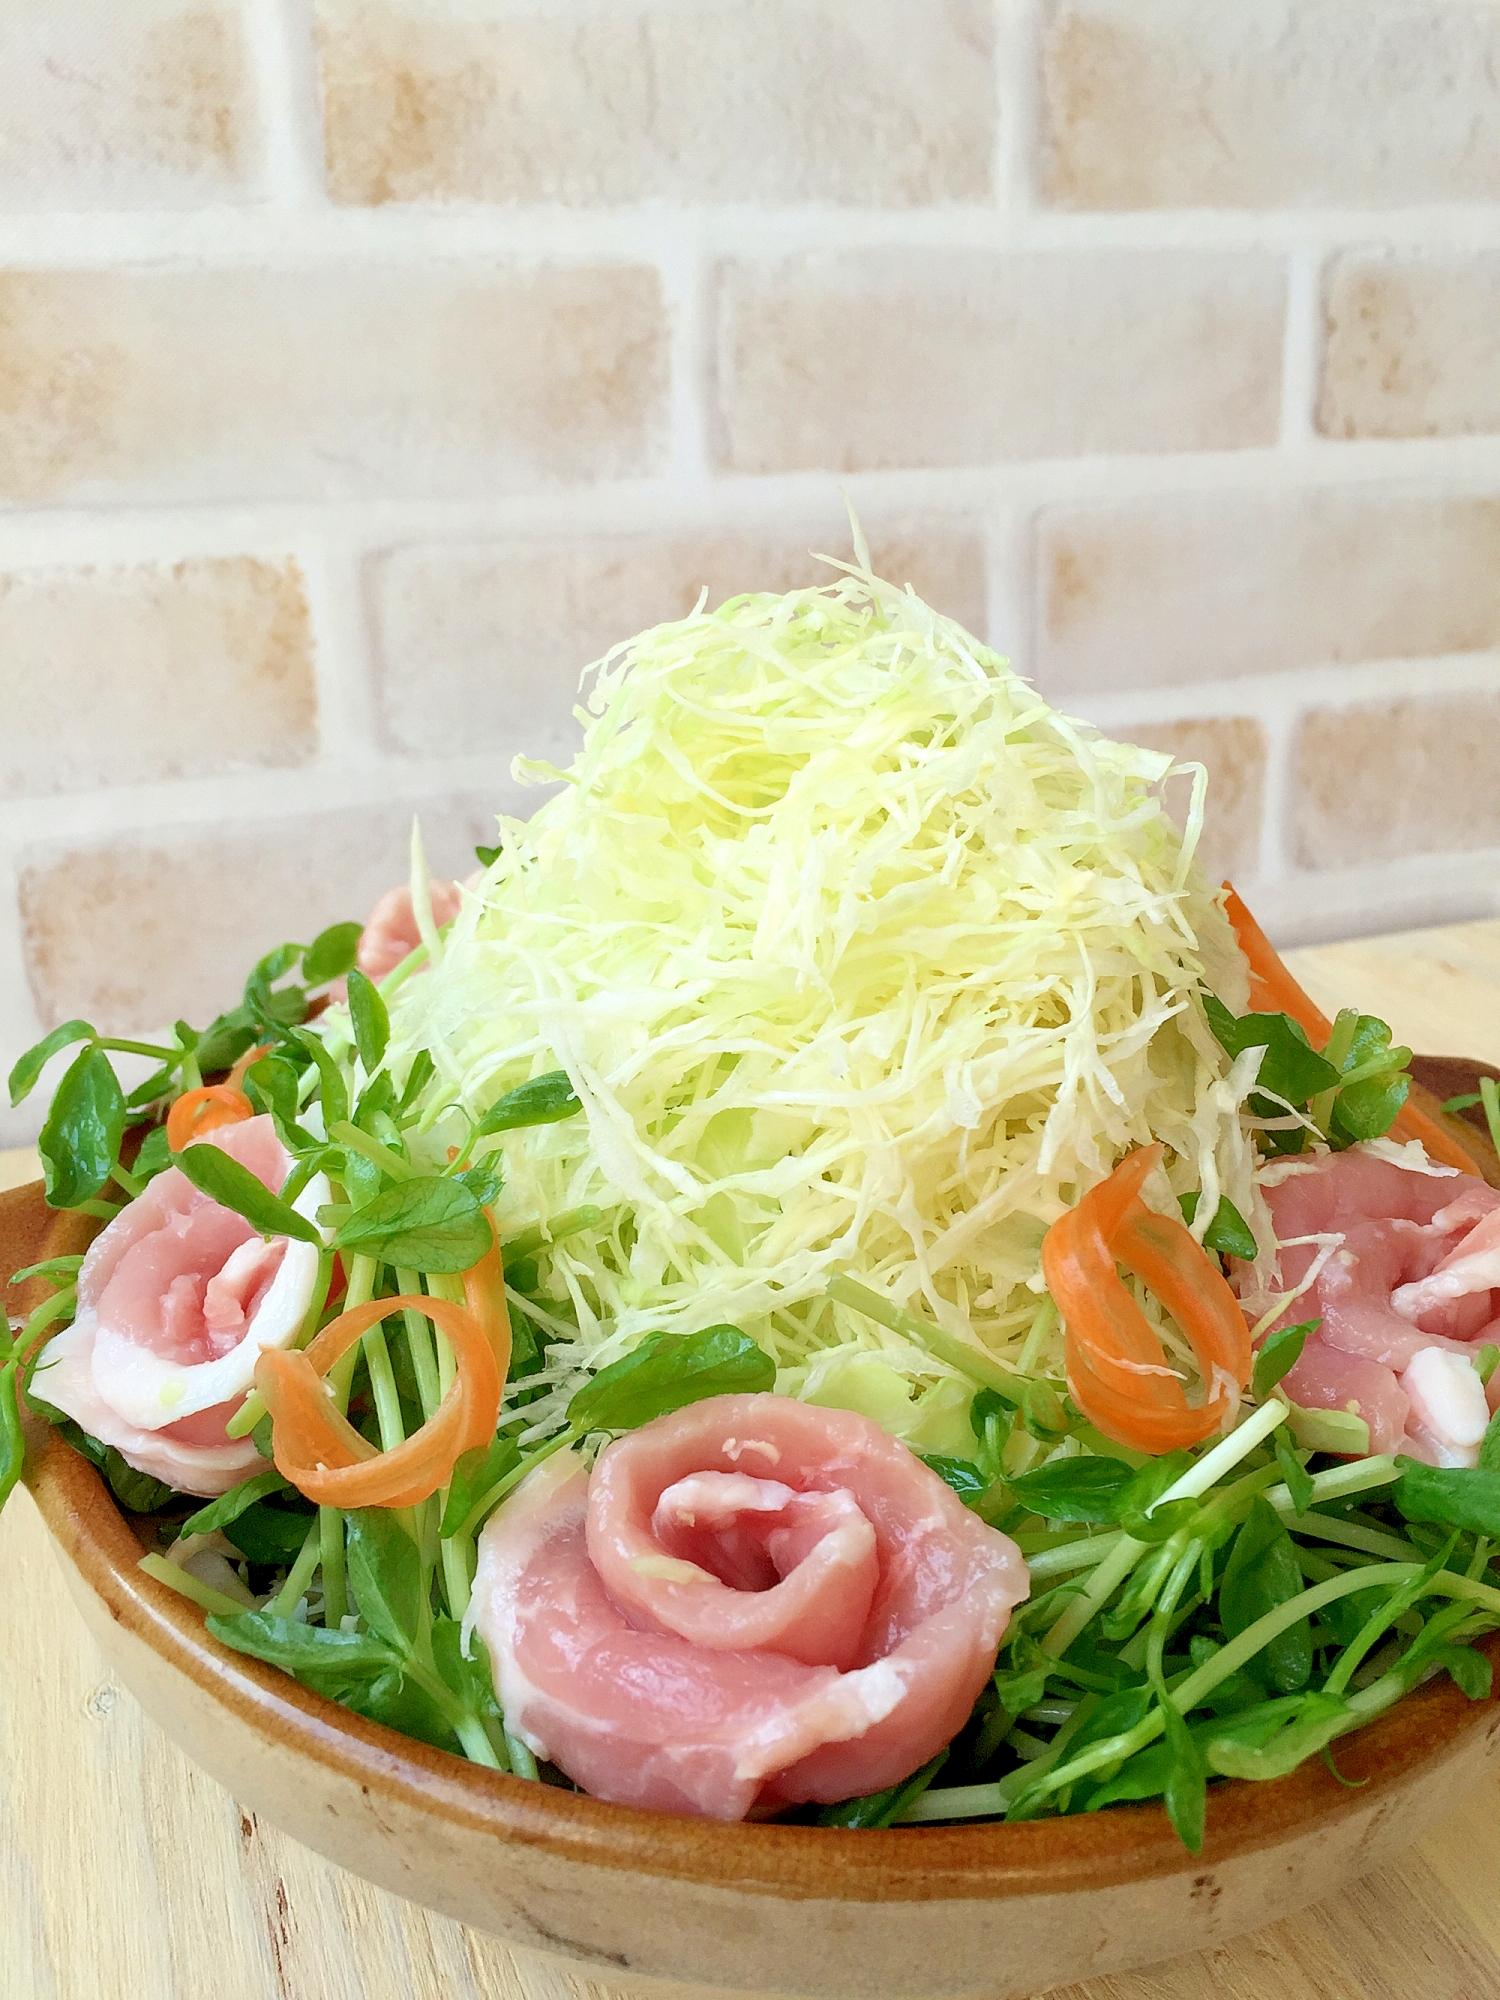 土鍋に高く盛られた千切りキャベツとバラの花びらのような豚肉